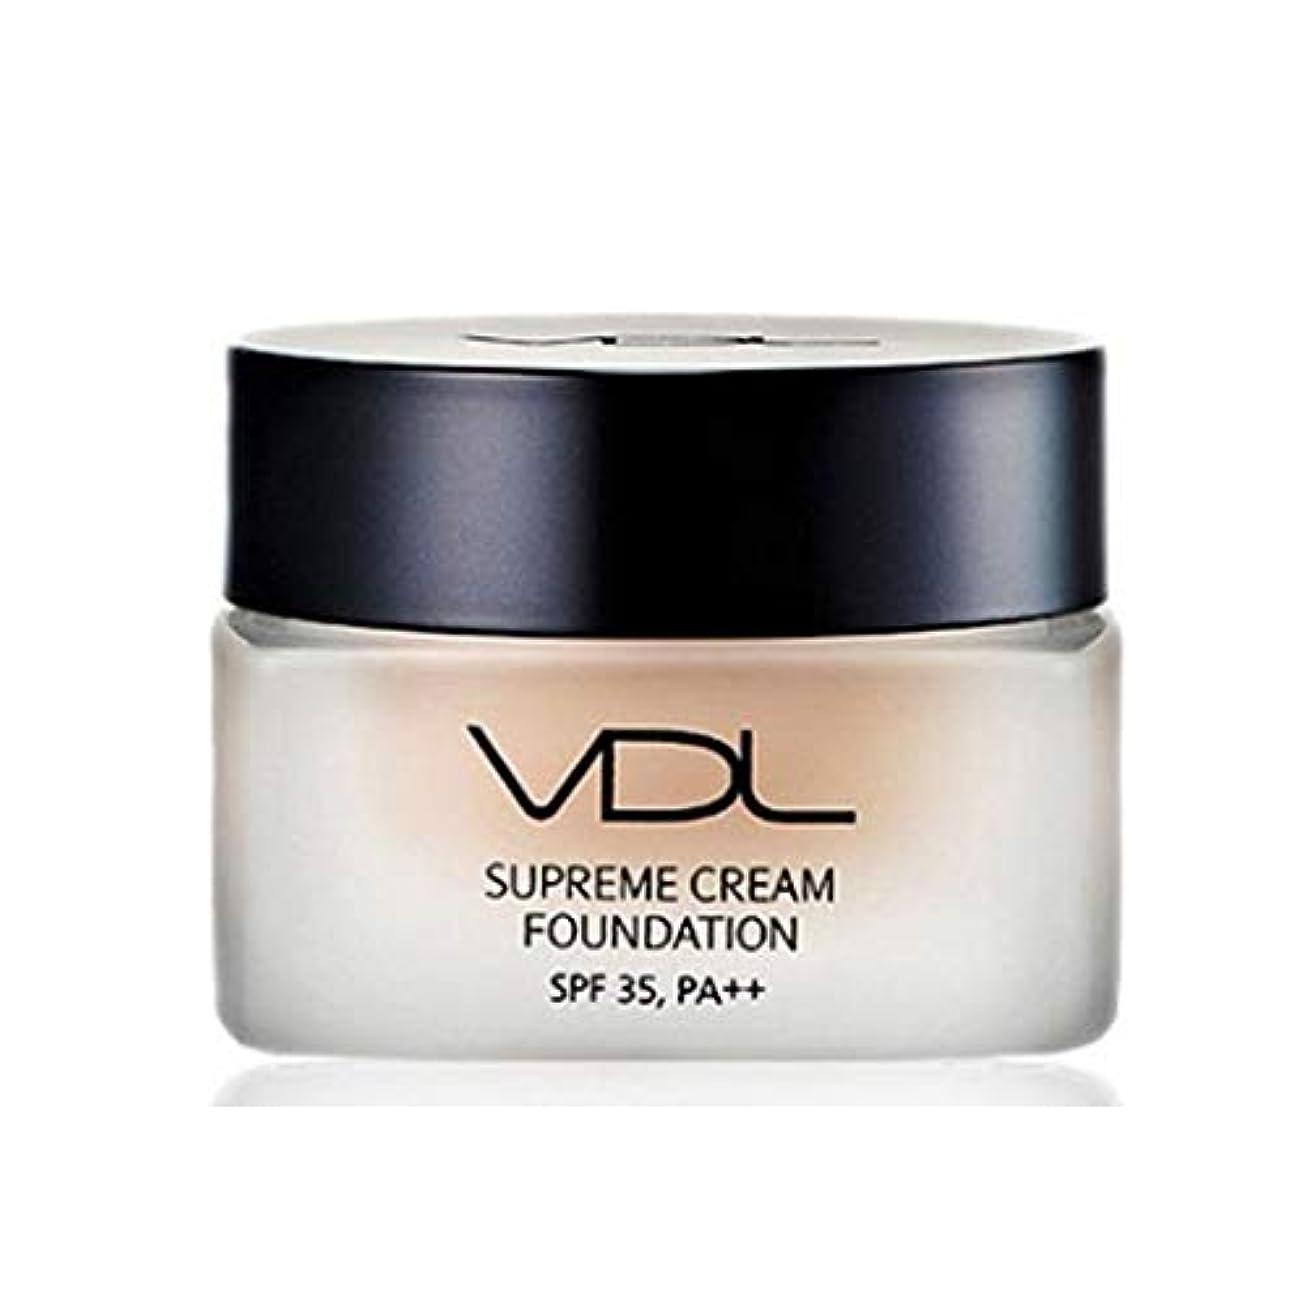 インキュバス獲物言い直すVDLスプリームクリームファンデーション30ml SPF35 PA++ 4色、VDL Supreme Cream Foundation 30ml SPF35 PA++ 4 Colors [並行輸入品] (A02)